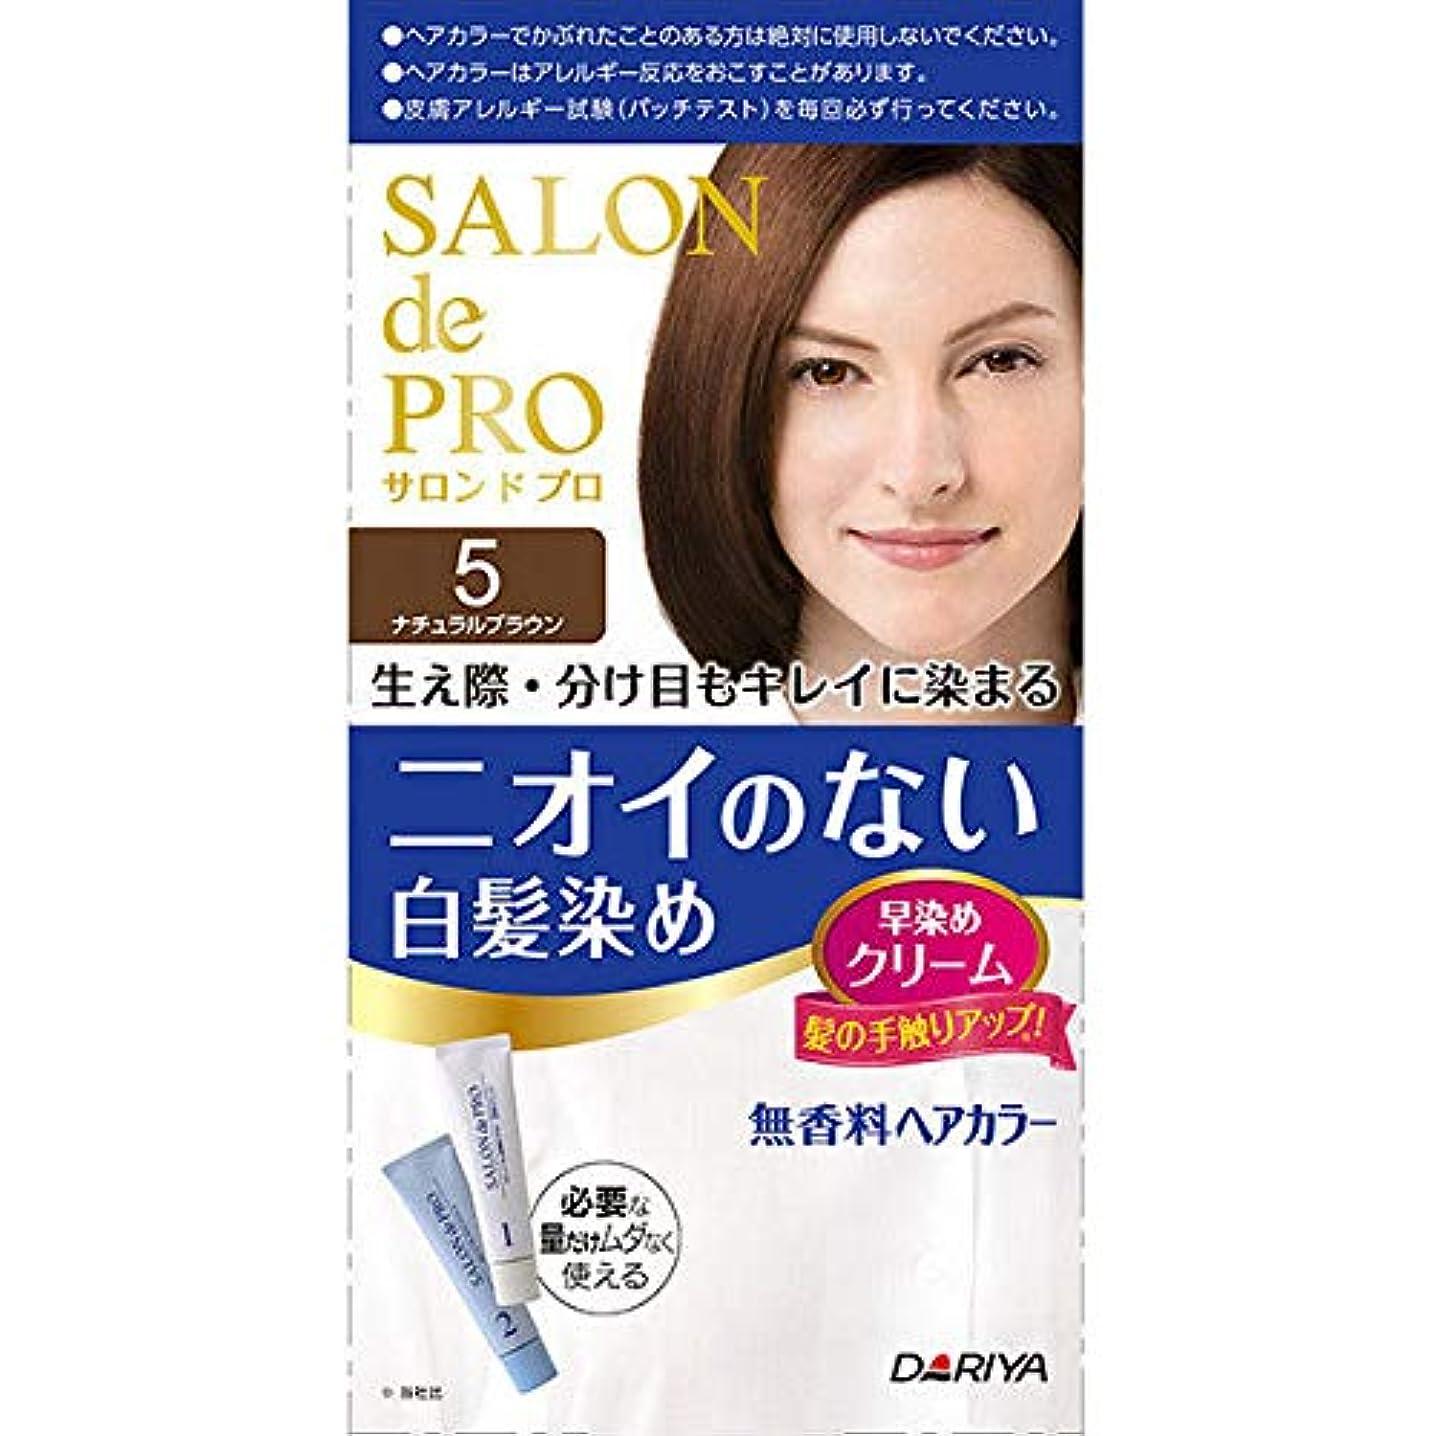 細心のなので突進ダリヤ サロン ド プロ 無香料ヘアカラー 早染めクリーム(白髪用) 5 ナチュラルブラウン 40g+40g